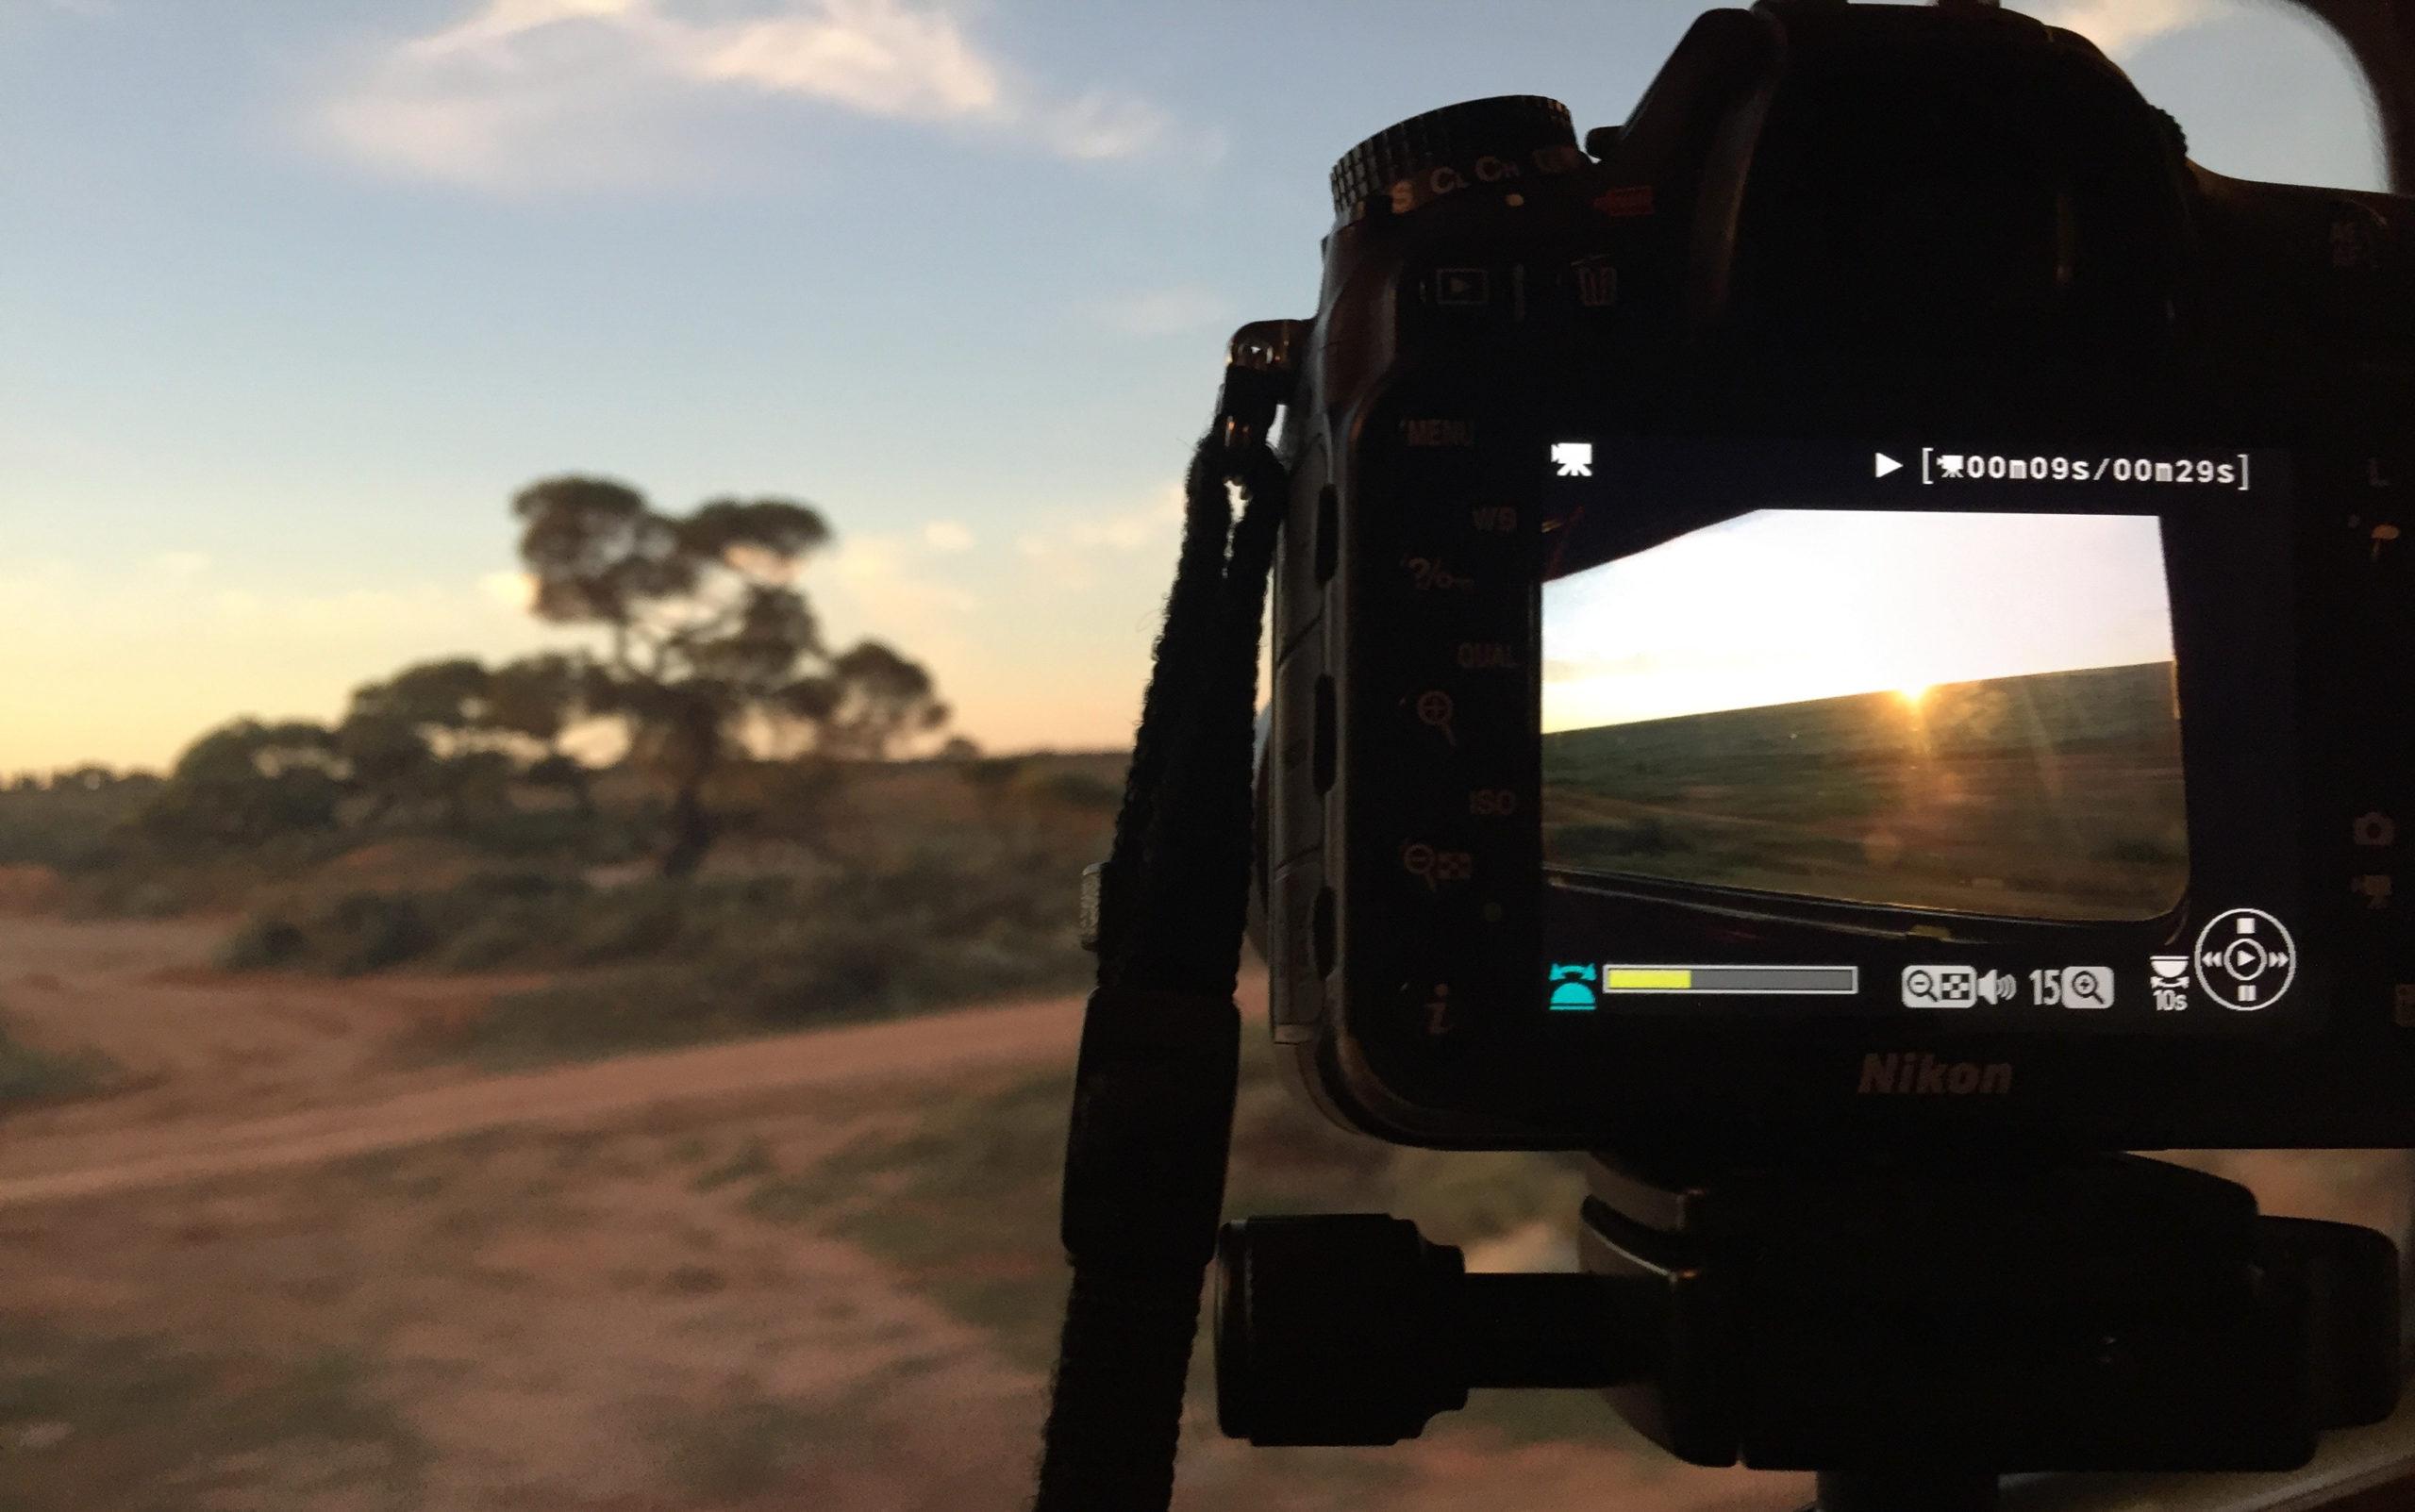 Blick durch die Kamera auf die Landschaft in Australien